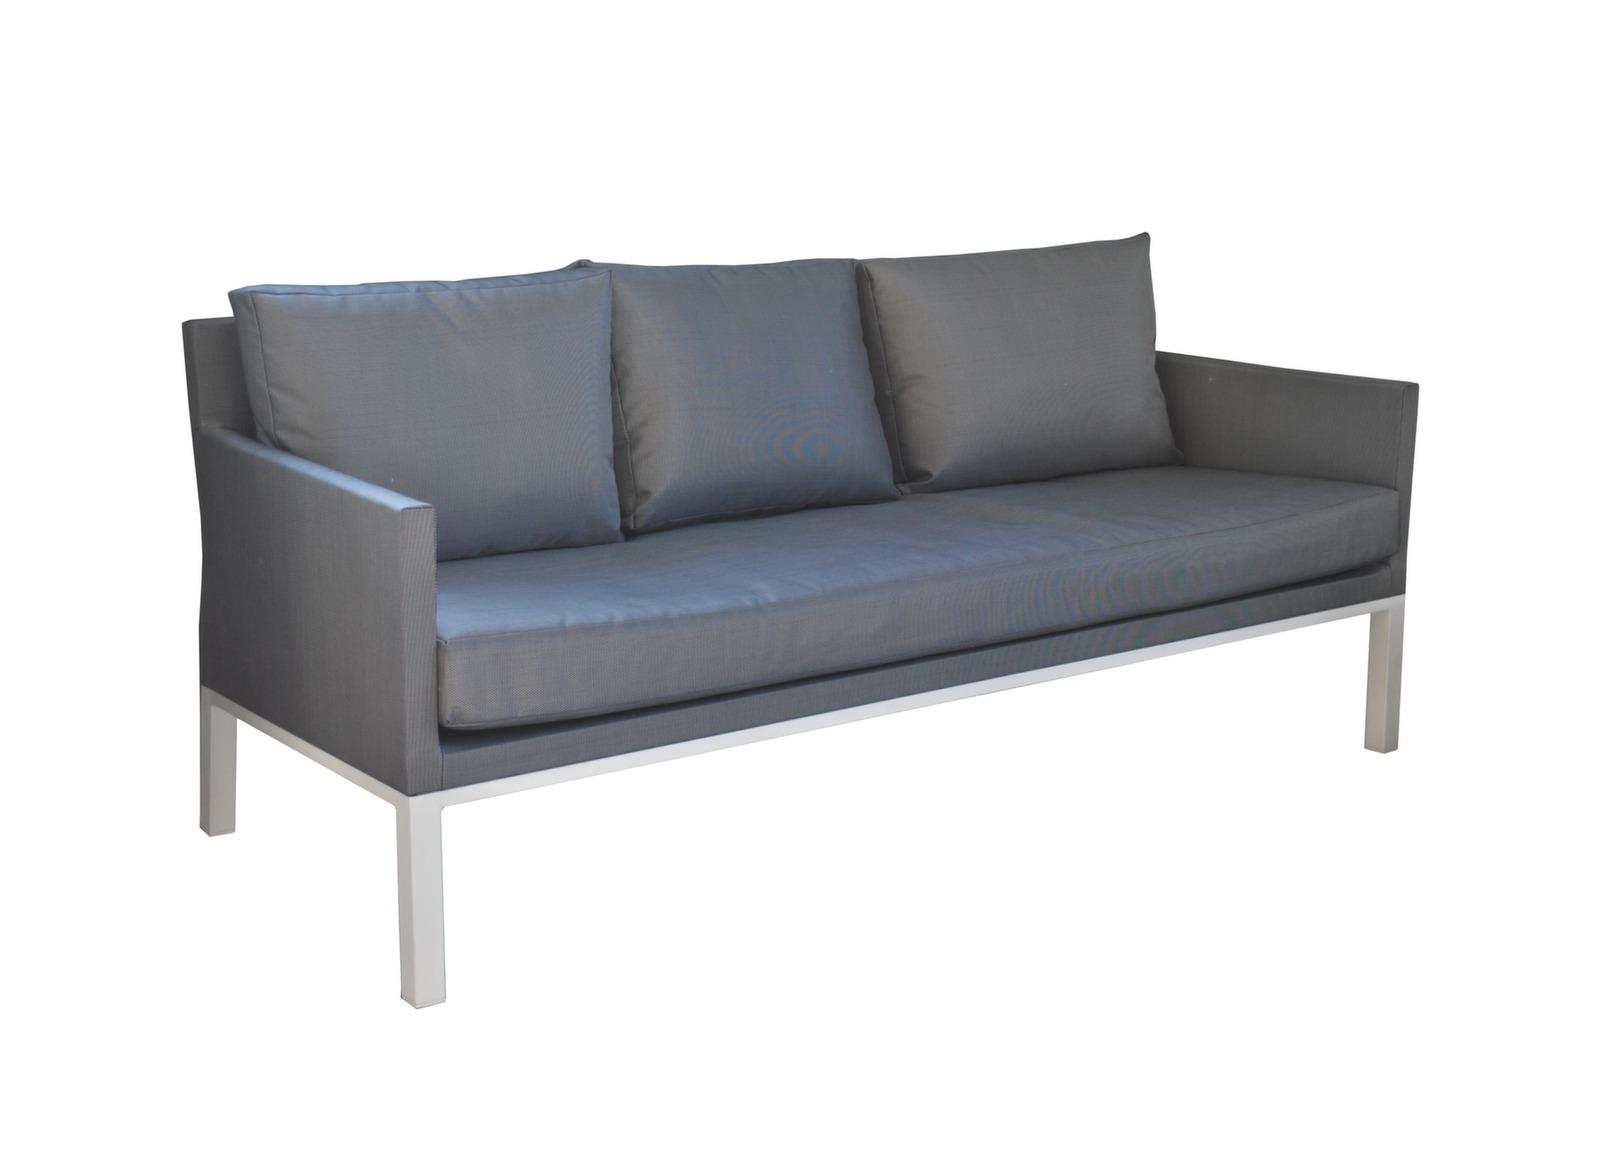 Canap oslo 3 places blanc s argent table basse for Achat mobilier de jardin en ligne